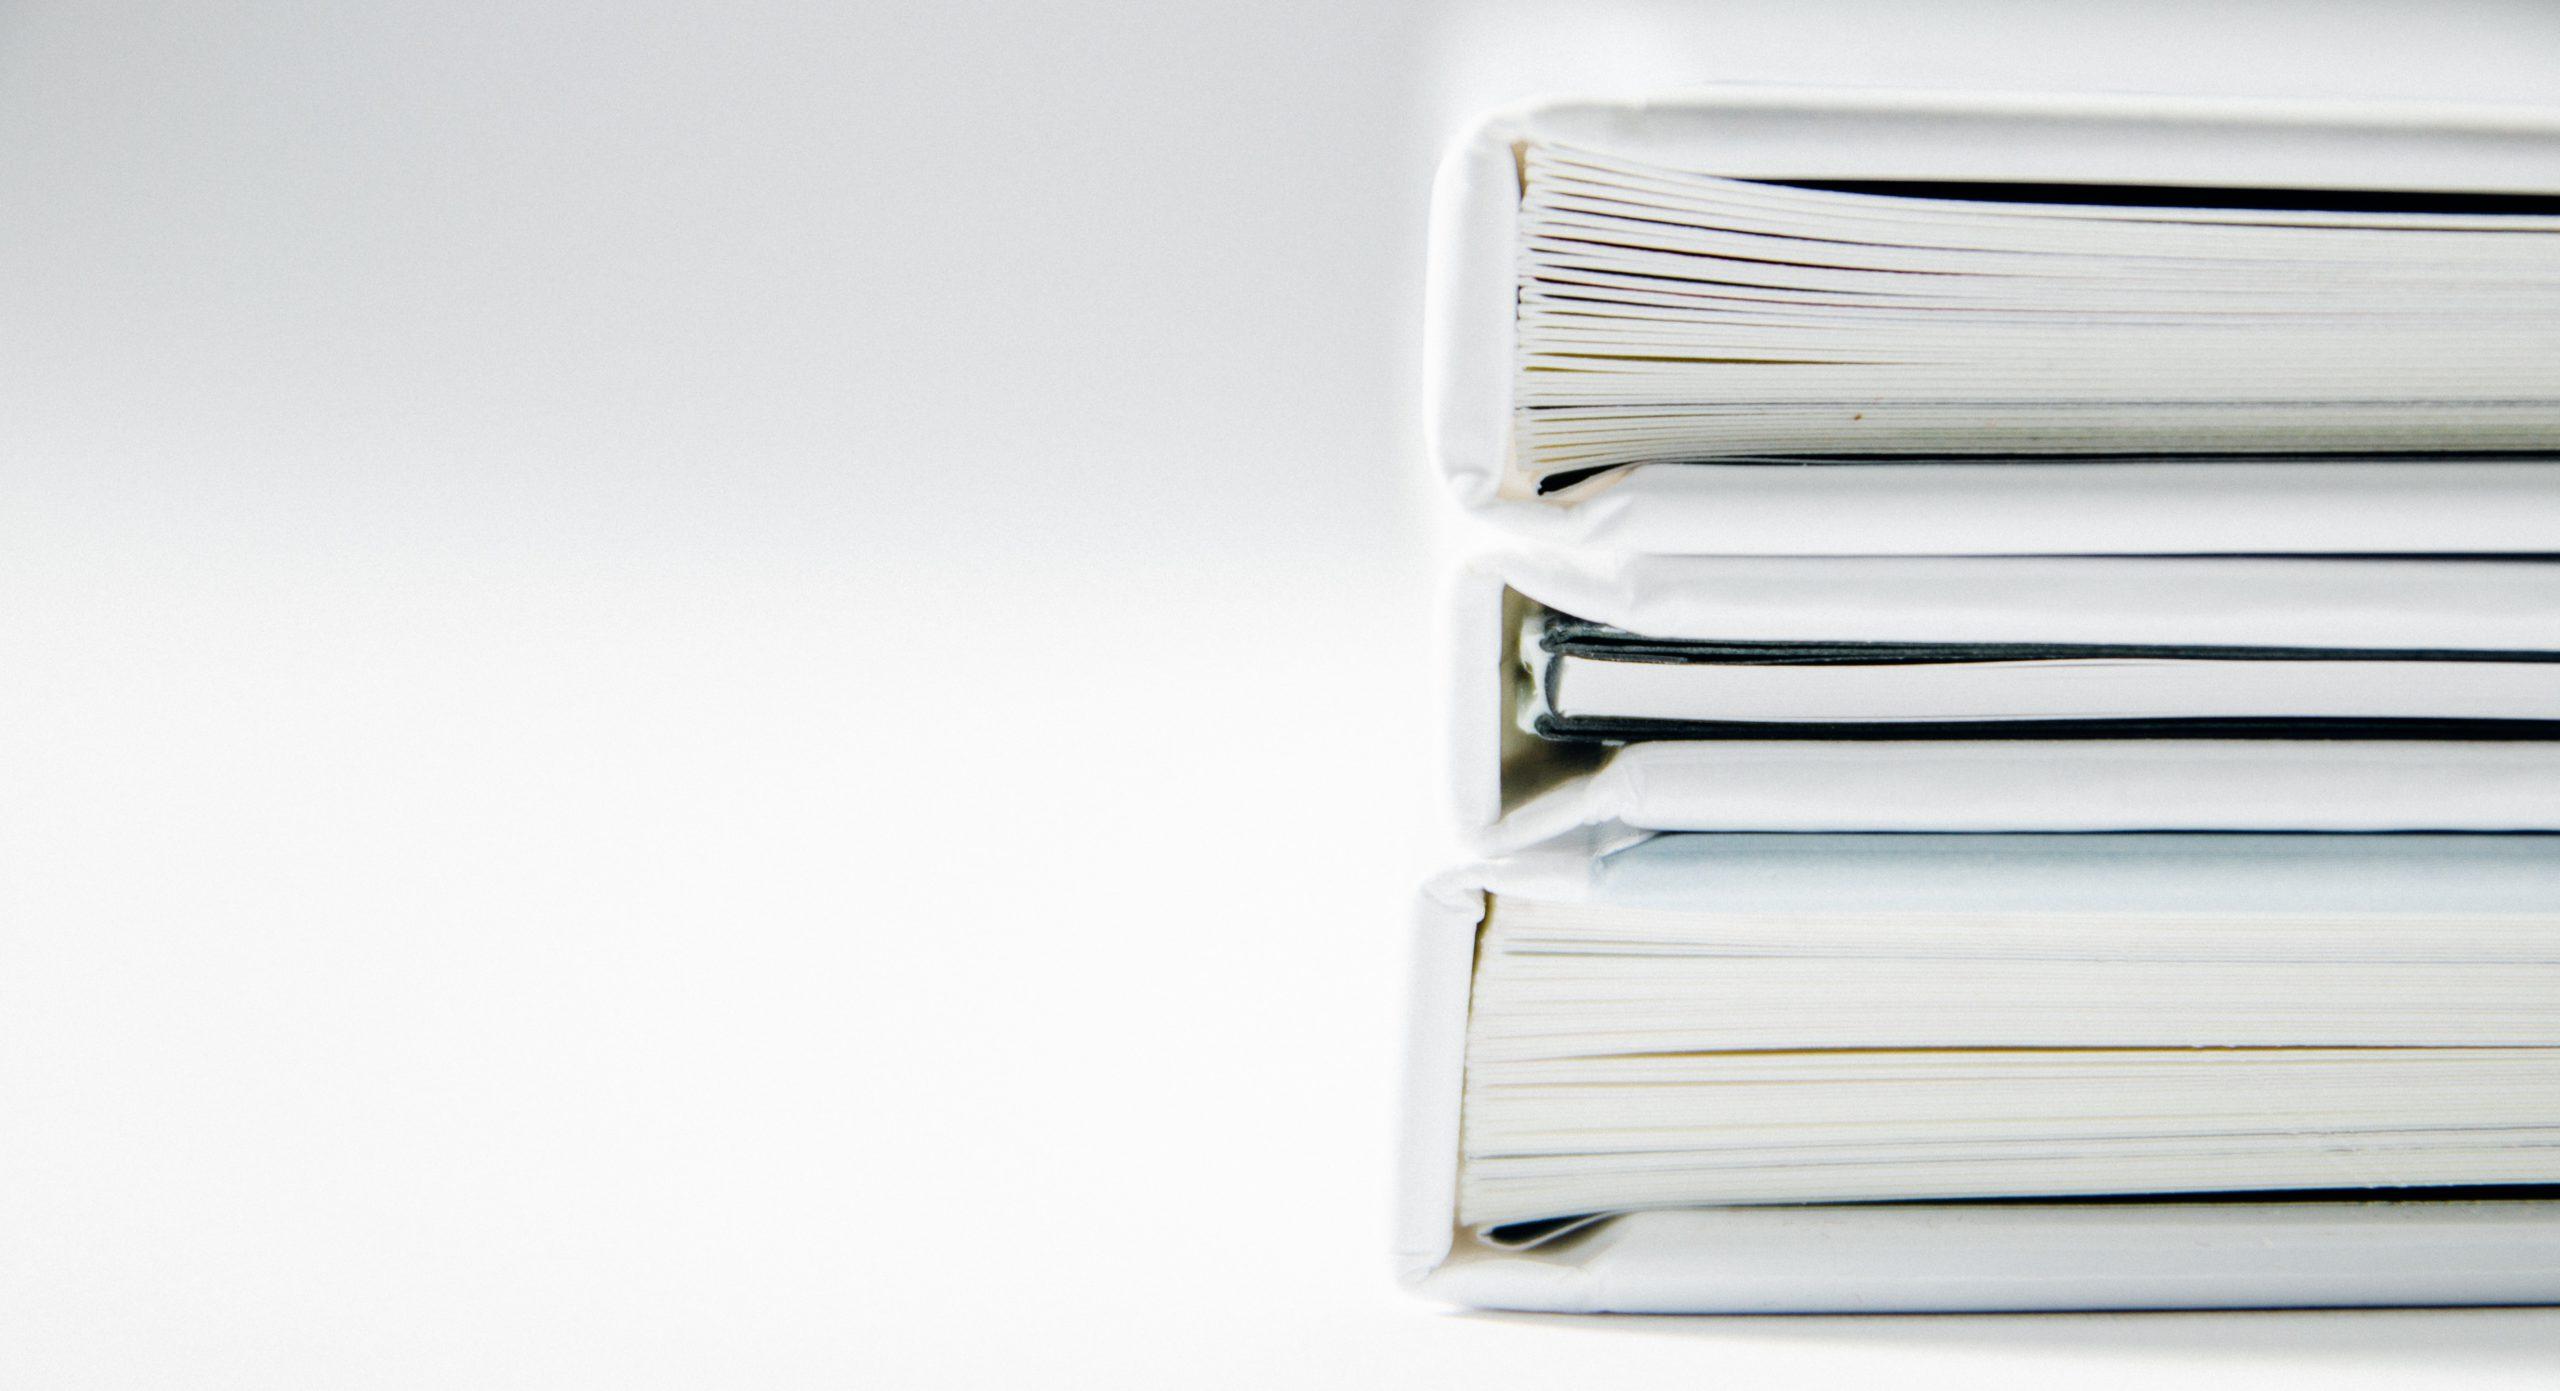 Информация по применению ФСБУ 6/2020 и ФСБУ 26/2020 с 1 января 2022 г.